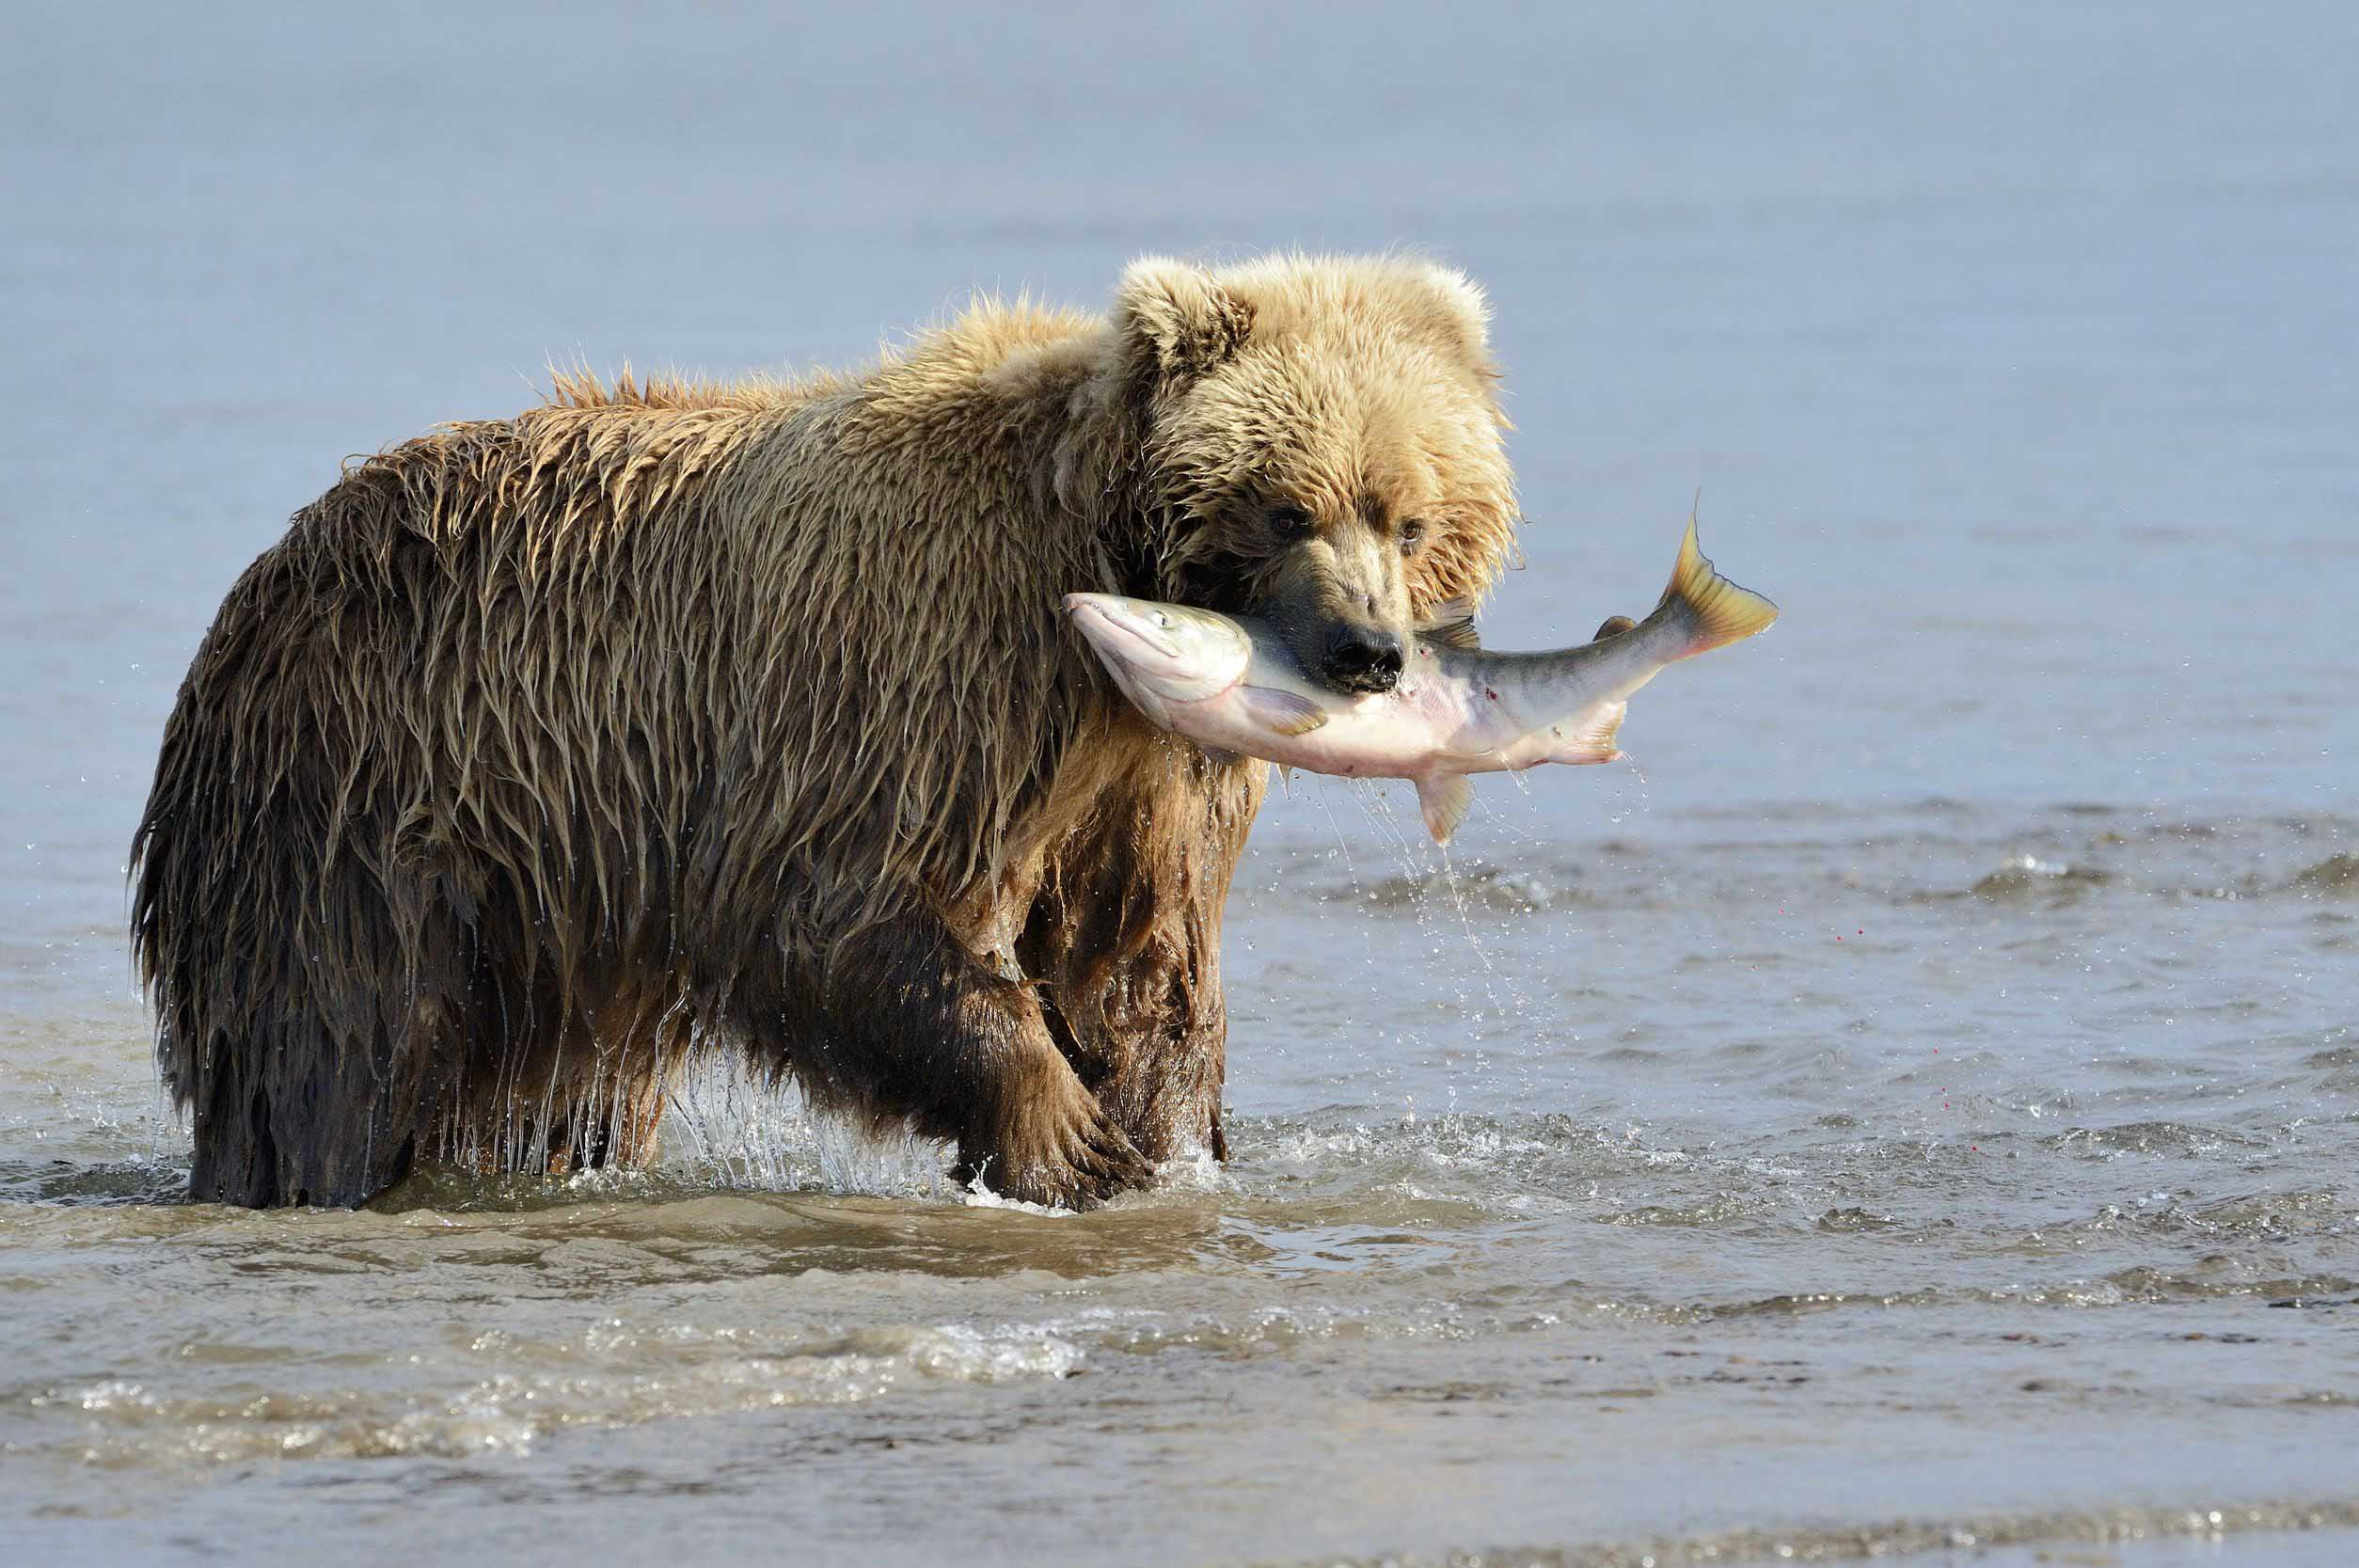 bear-with-fish-alaska-usa